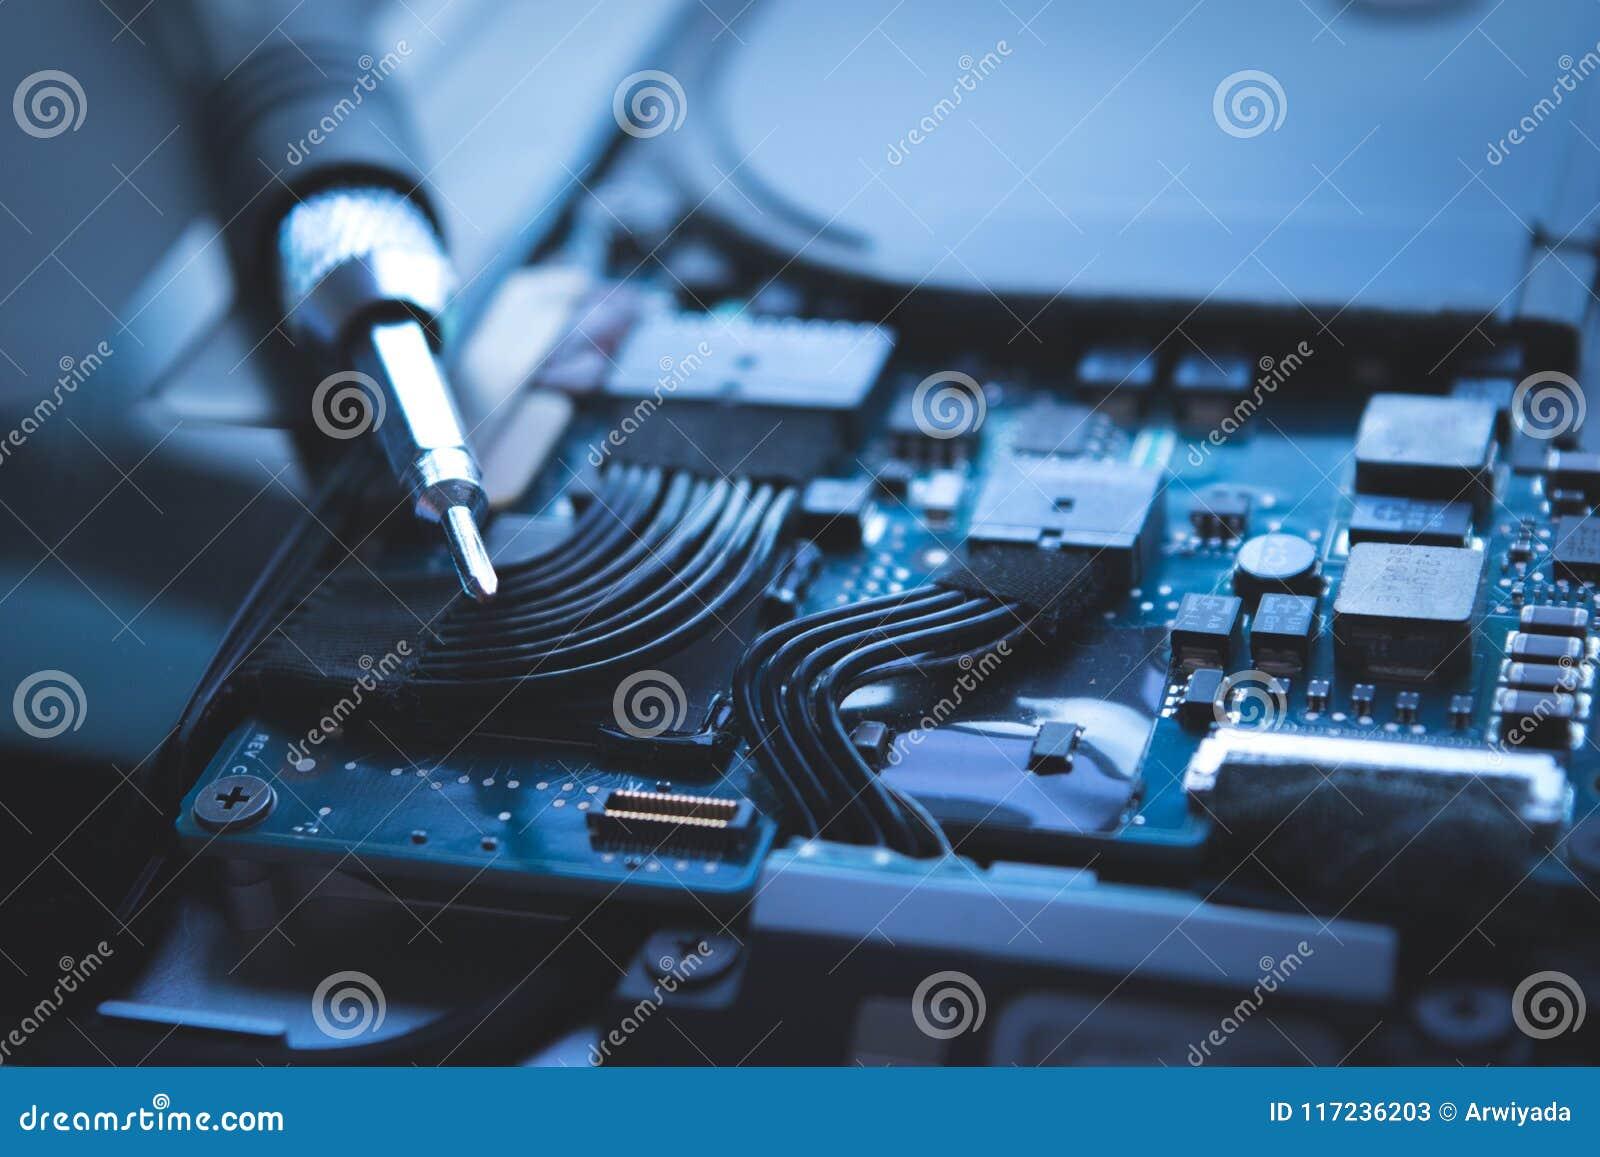 Feche acima do fundo azul do reparo da movimentação de disco rígido do portátil do computador,